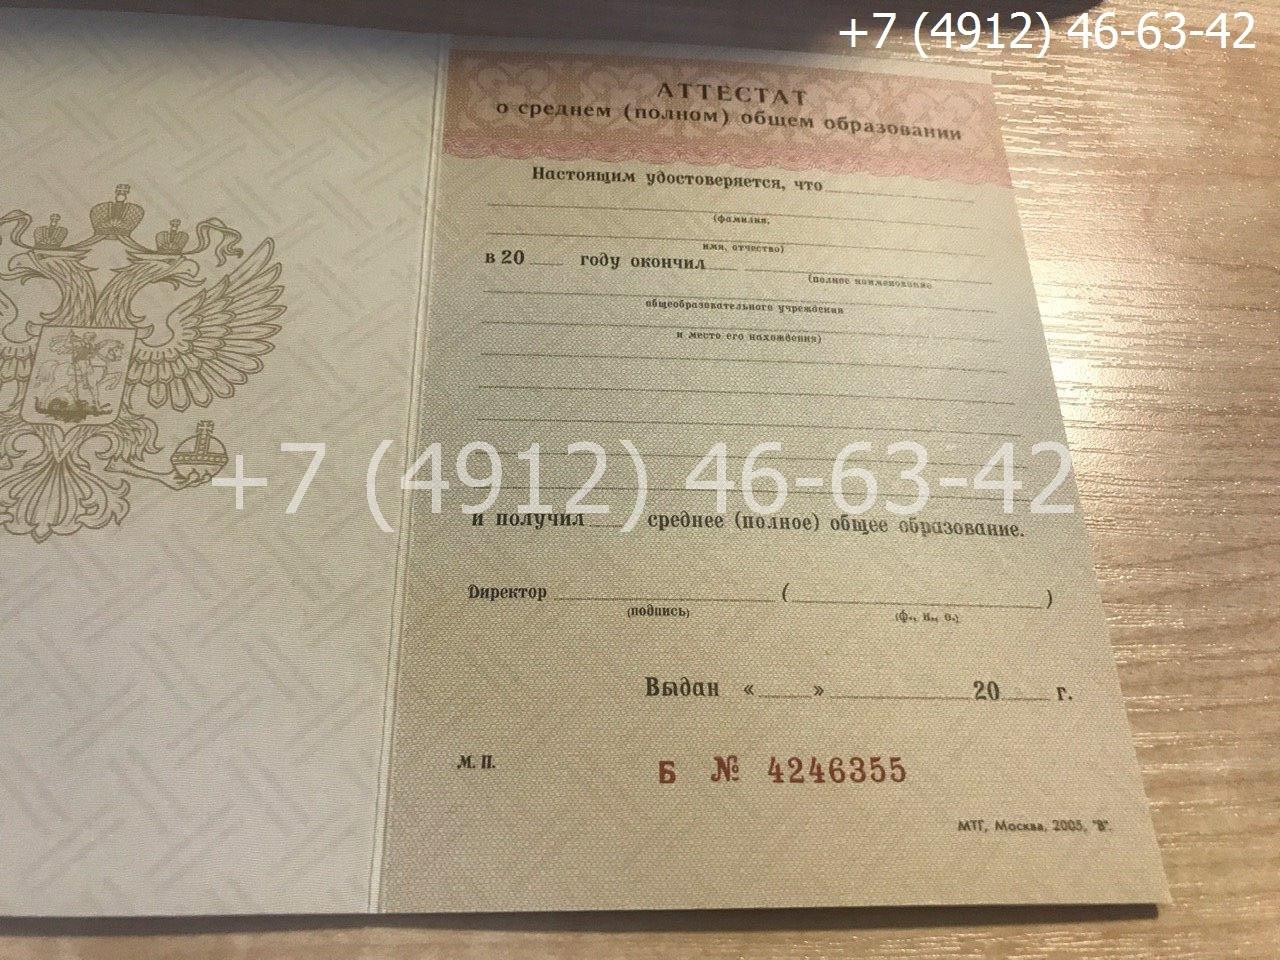 Аттестат 11 класс 1994-2006 годов, образец, титульный лист-1